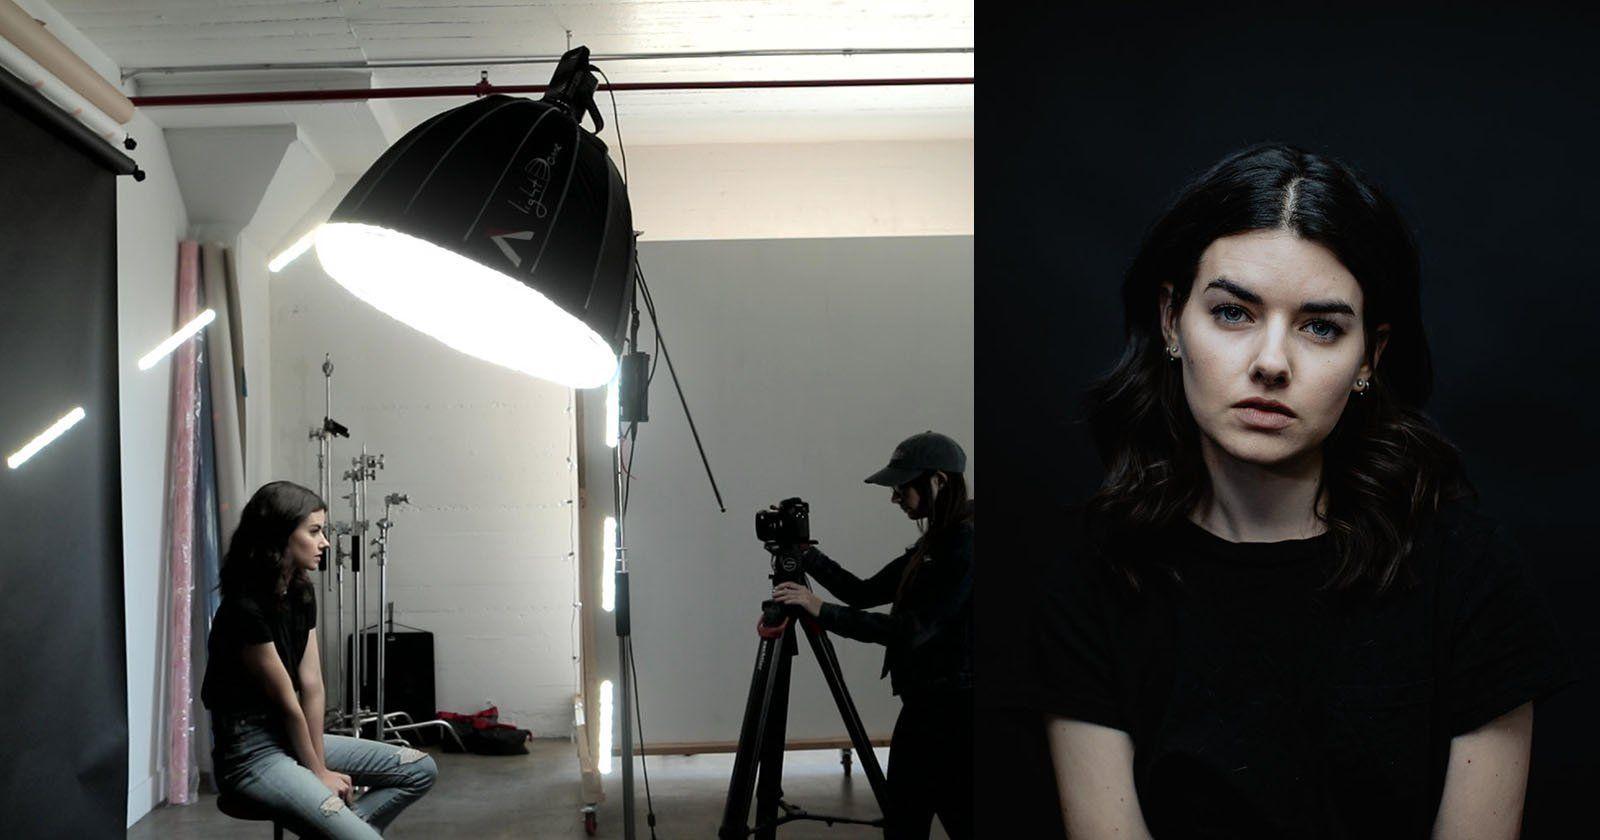 как фотографироваться при искусственном свете также является